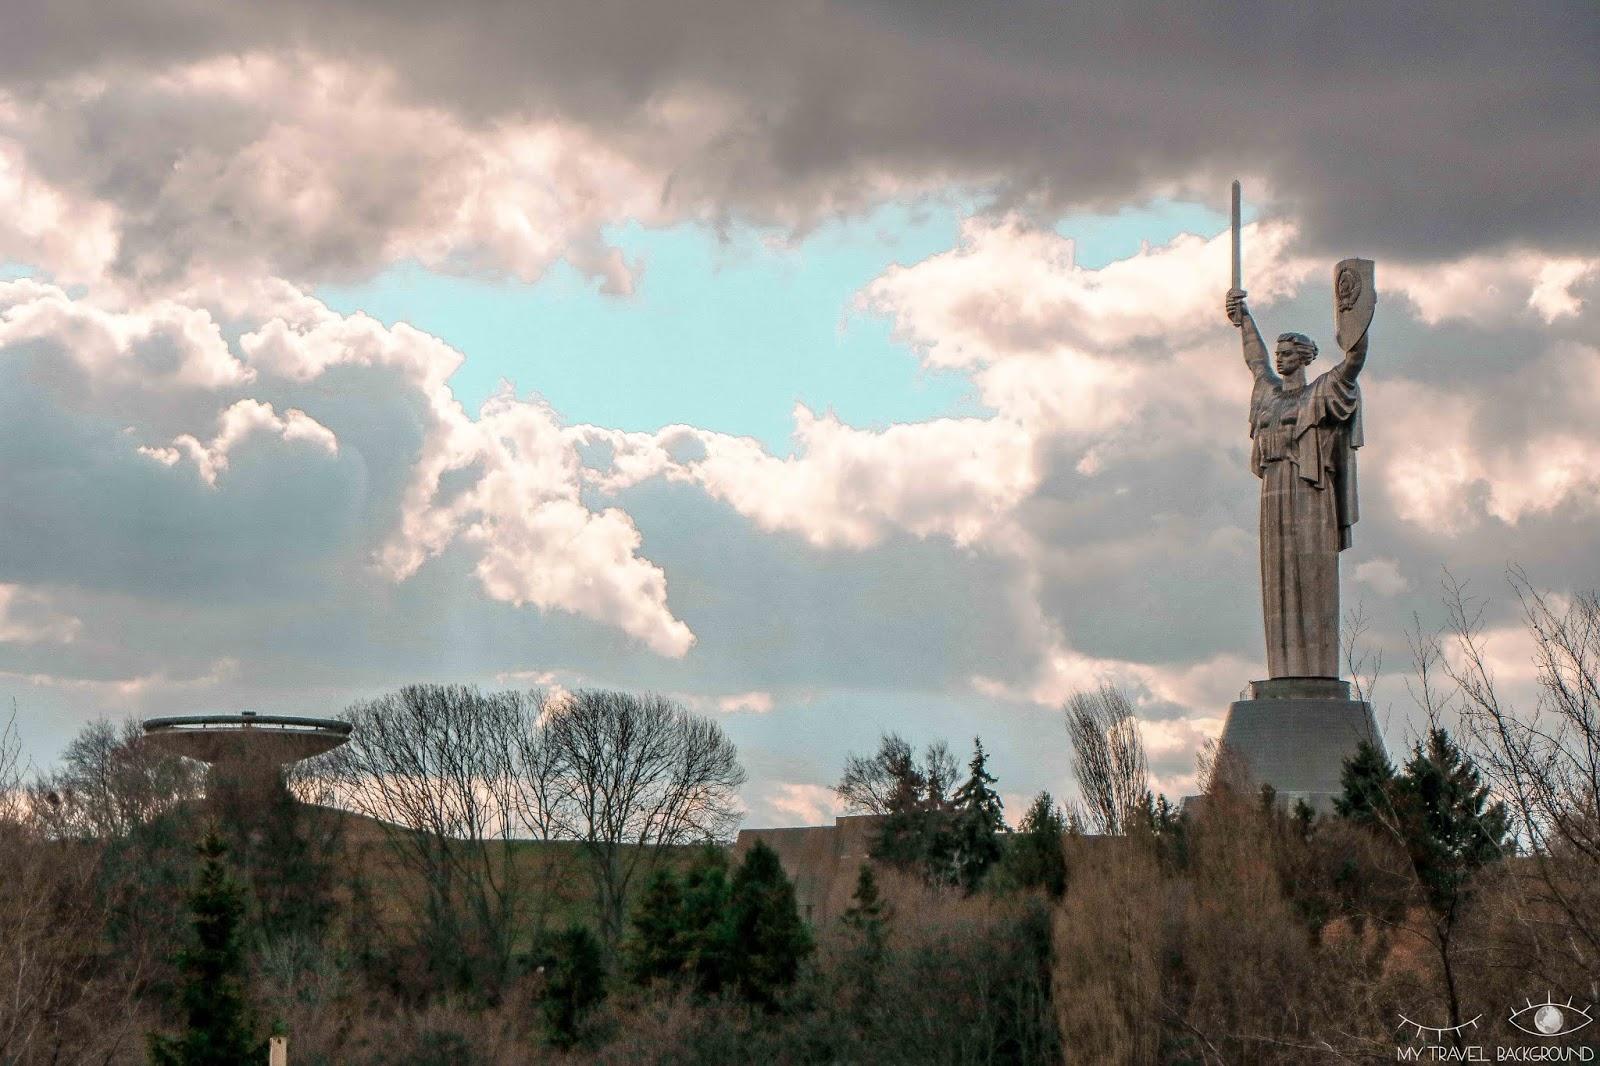 My Travel Background : visiter Kiev, la capitale de l'Ukraine, top 10 - Statue de la Mère Patrie